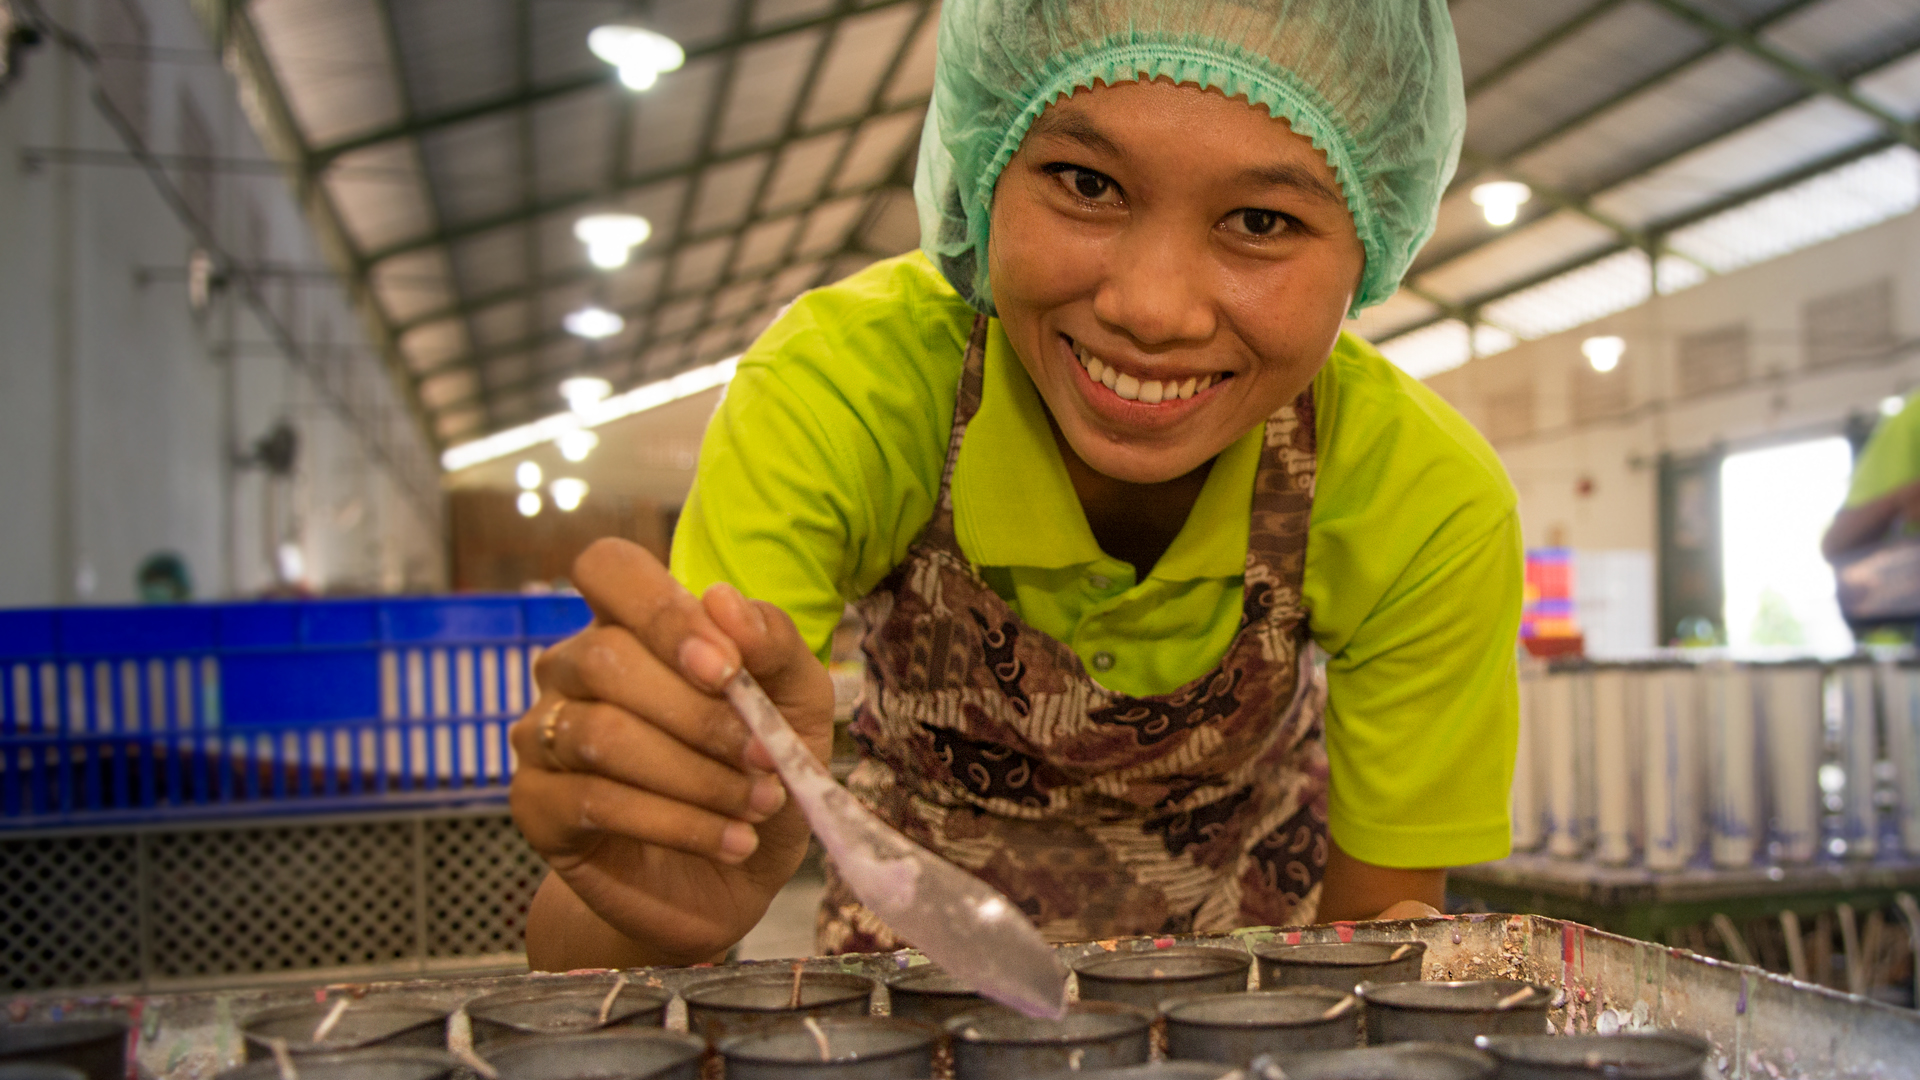 Insbesondere Frauen profitieren vom Fairen Handel mit Handwerk, zum Beispiel die Mitarbeiterinnen bei Sang Arun in Thailand oder bei Wax Industri in Indonesien. Sie erhalten die Chance auf ein eigenes Einkommen und können sich weiter qualifizieren.